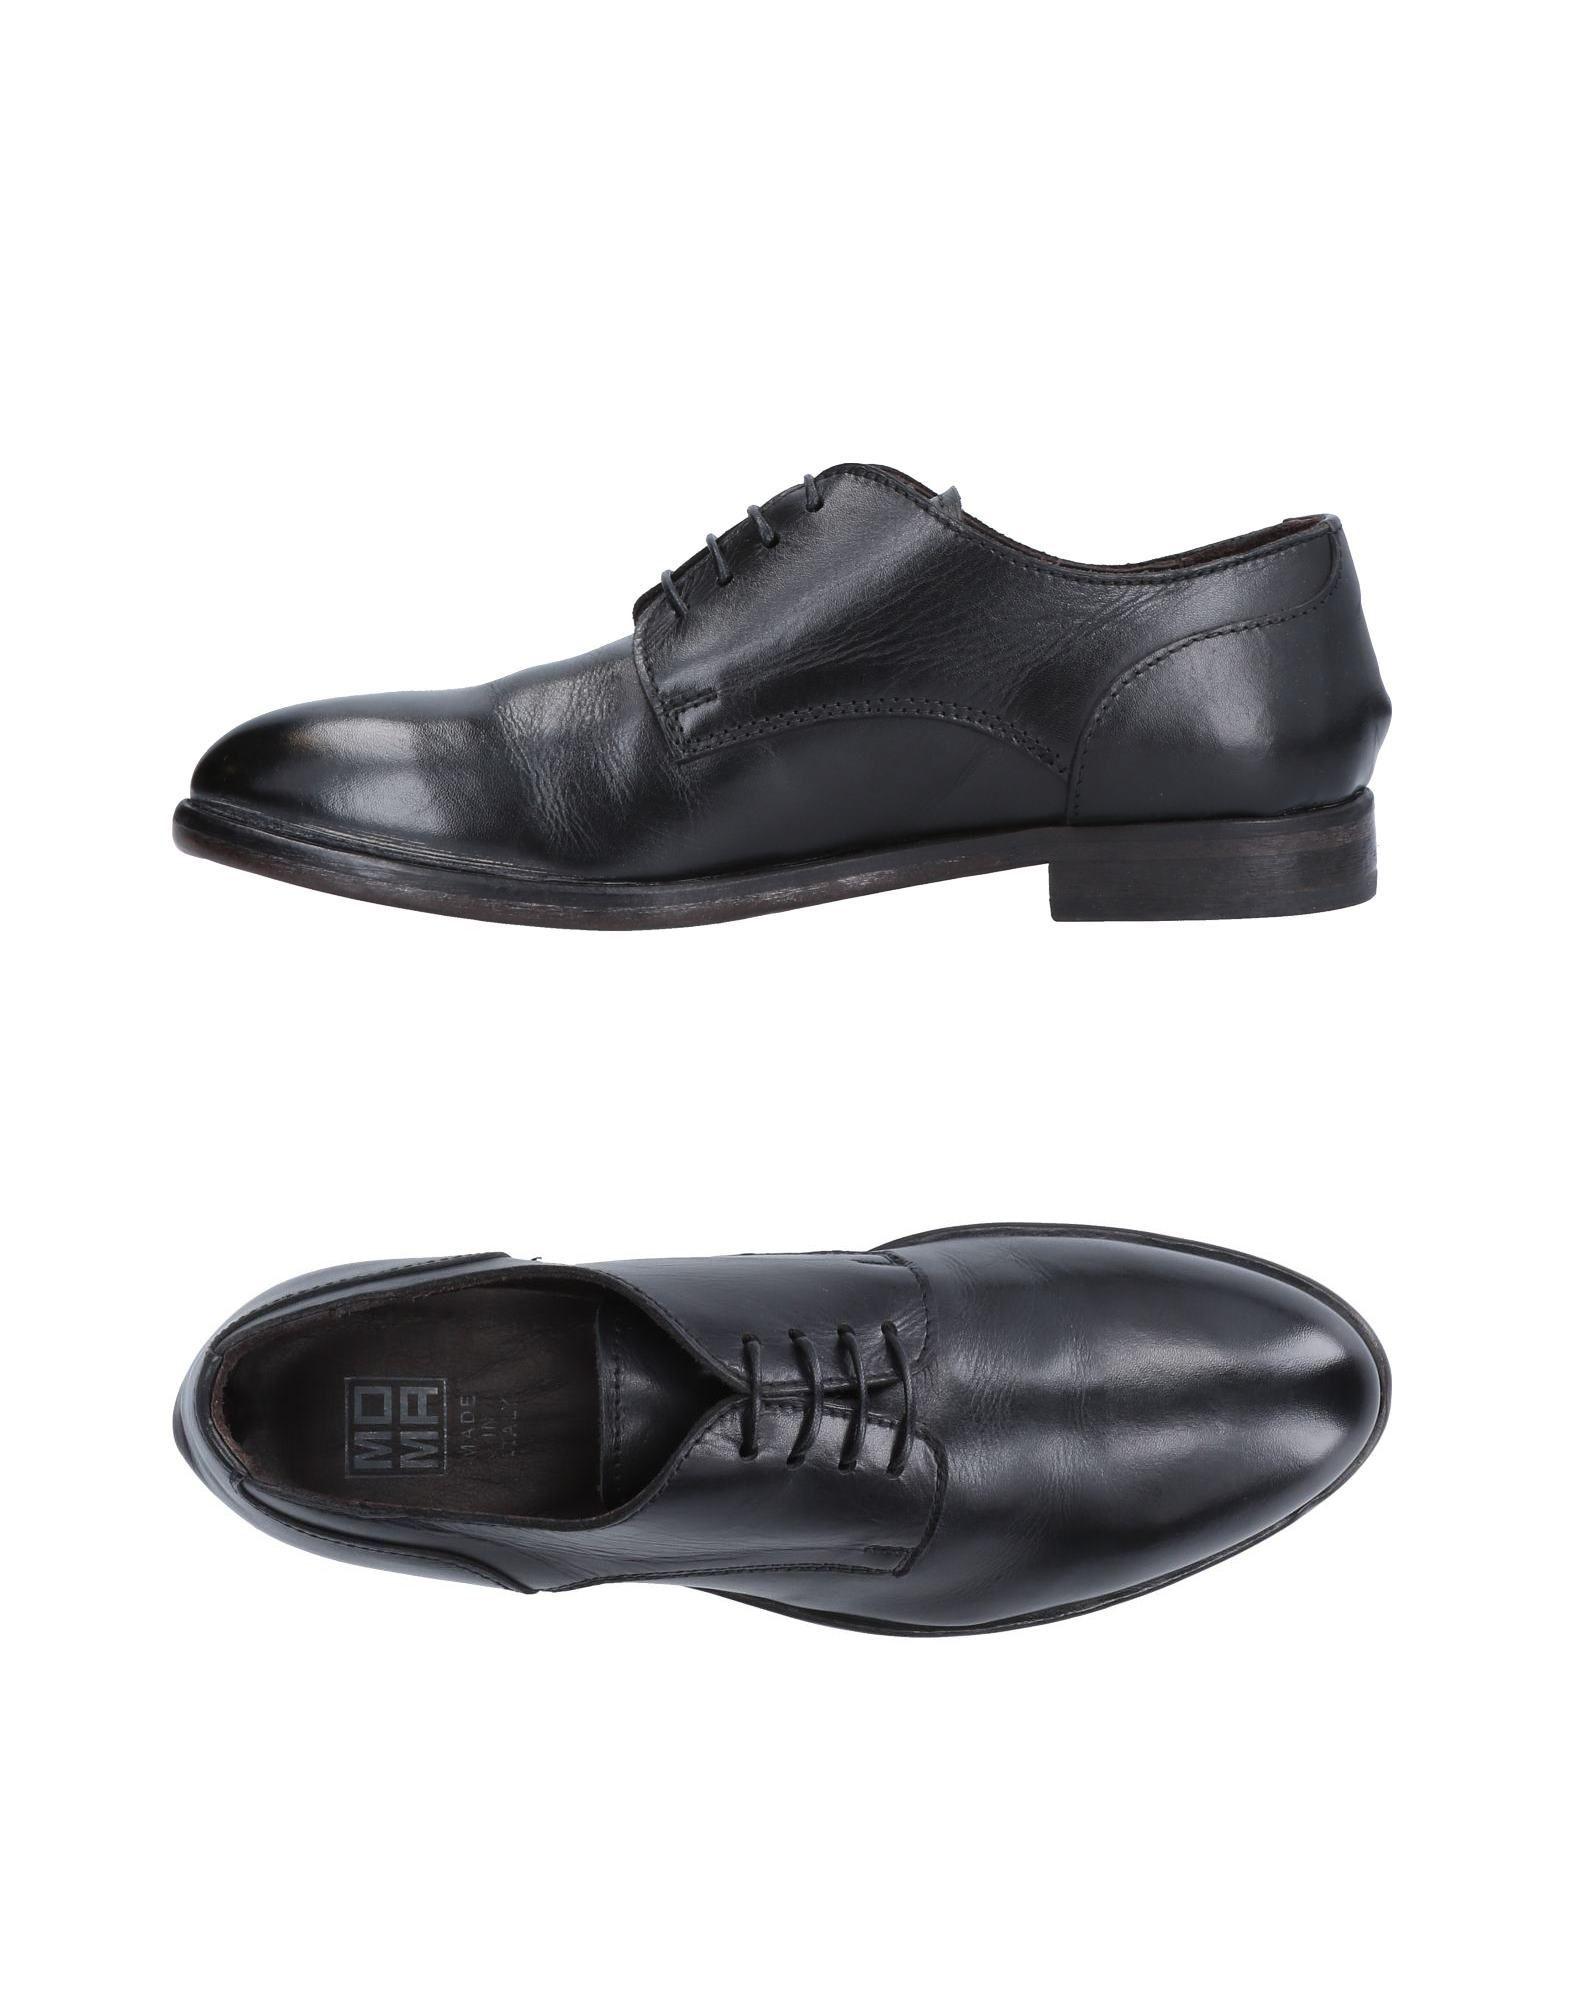 Moma Schnürschuhe Damen  11508509OHGut aussehende strapazierfähige Schuhe